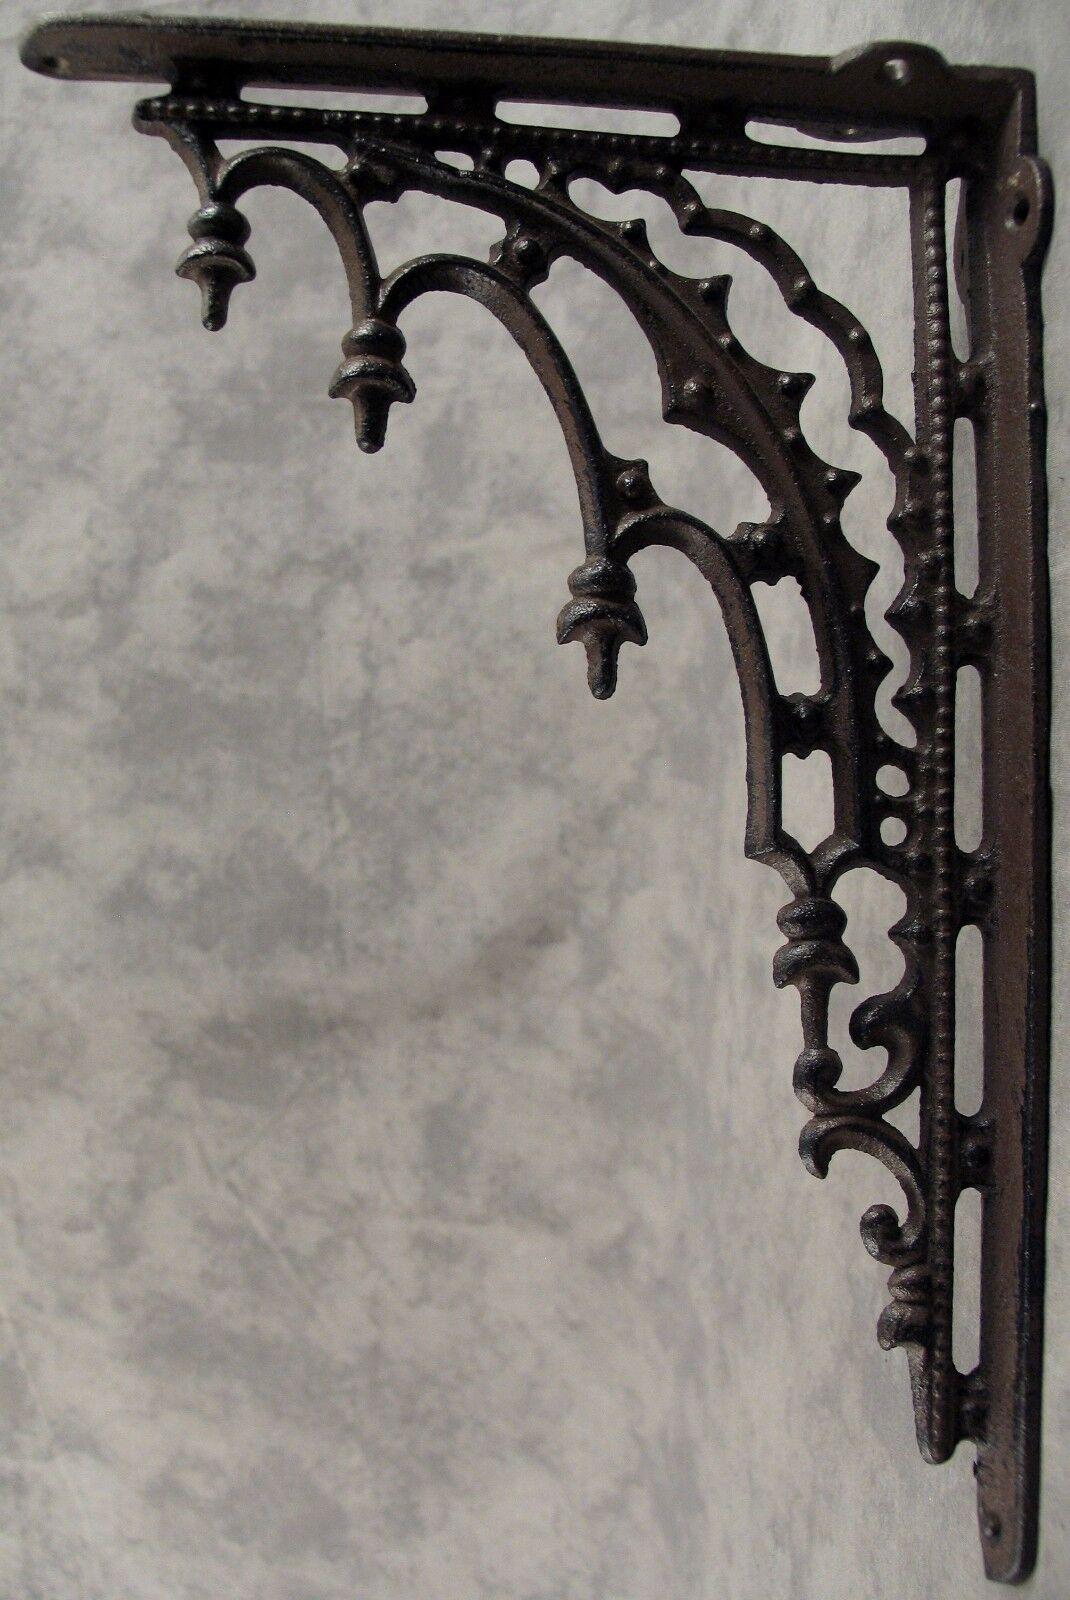 Купить 2 ARCHITECTURAL GOTHIC RENAISSANCE Cast Iron SHELF BRACKETS WALL CORNER BRACKETS